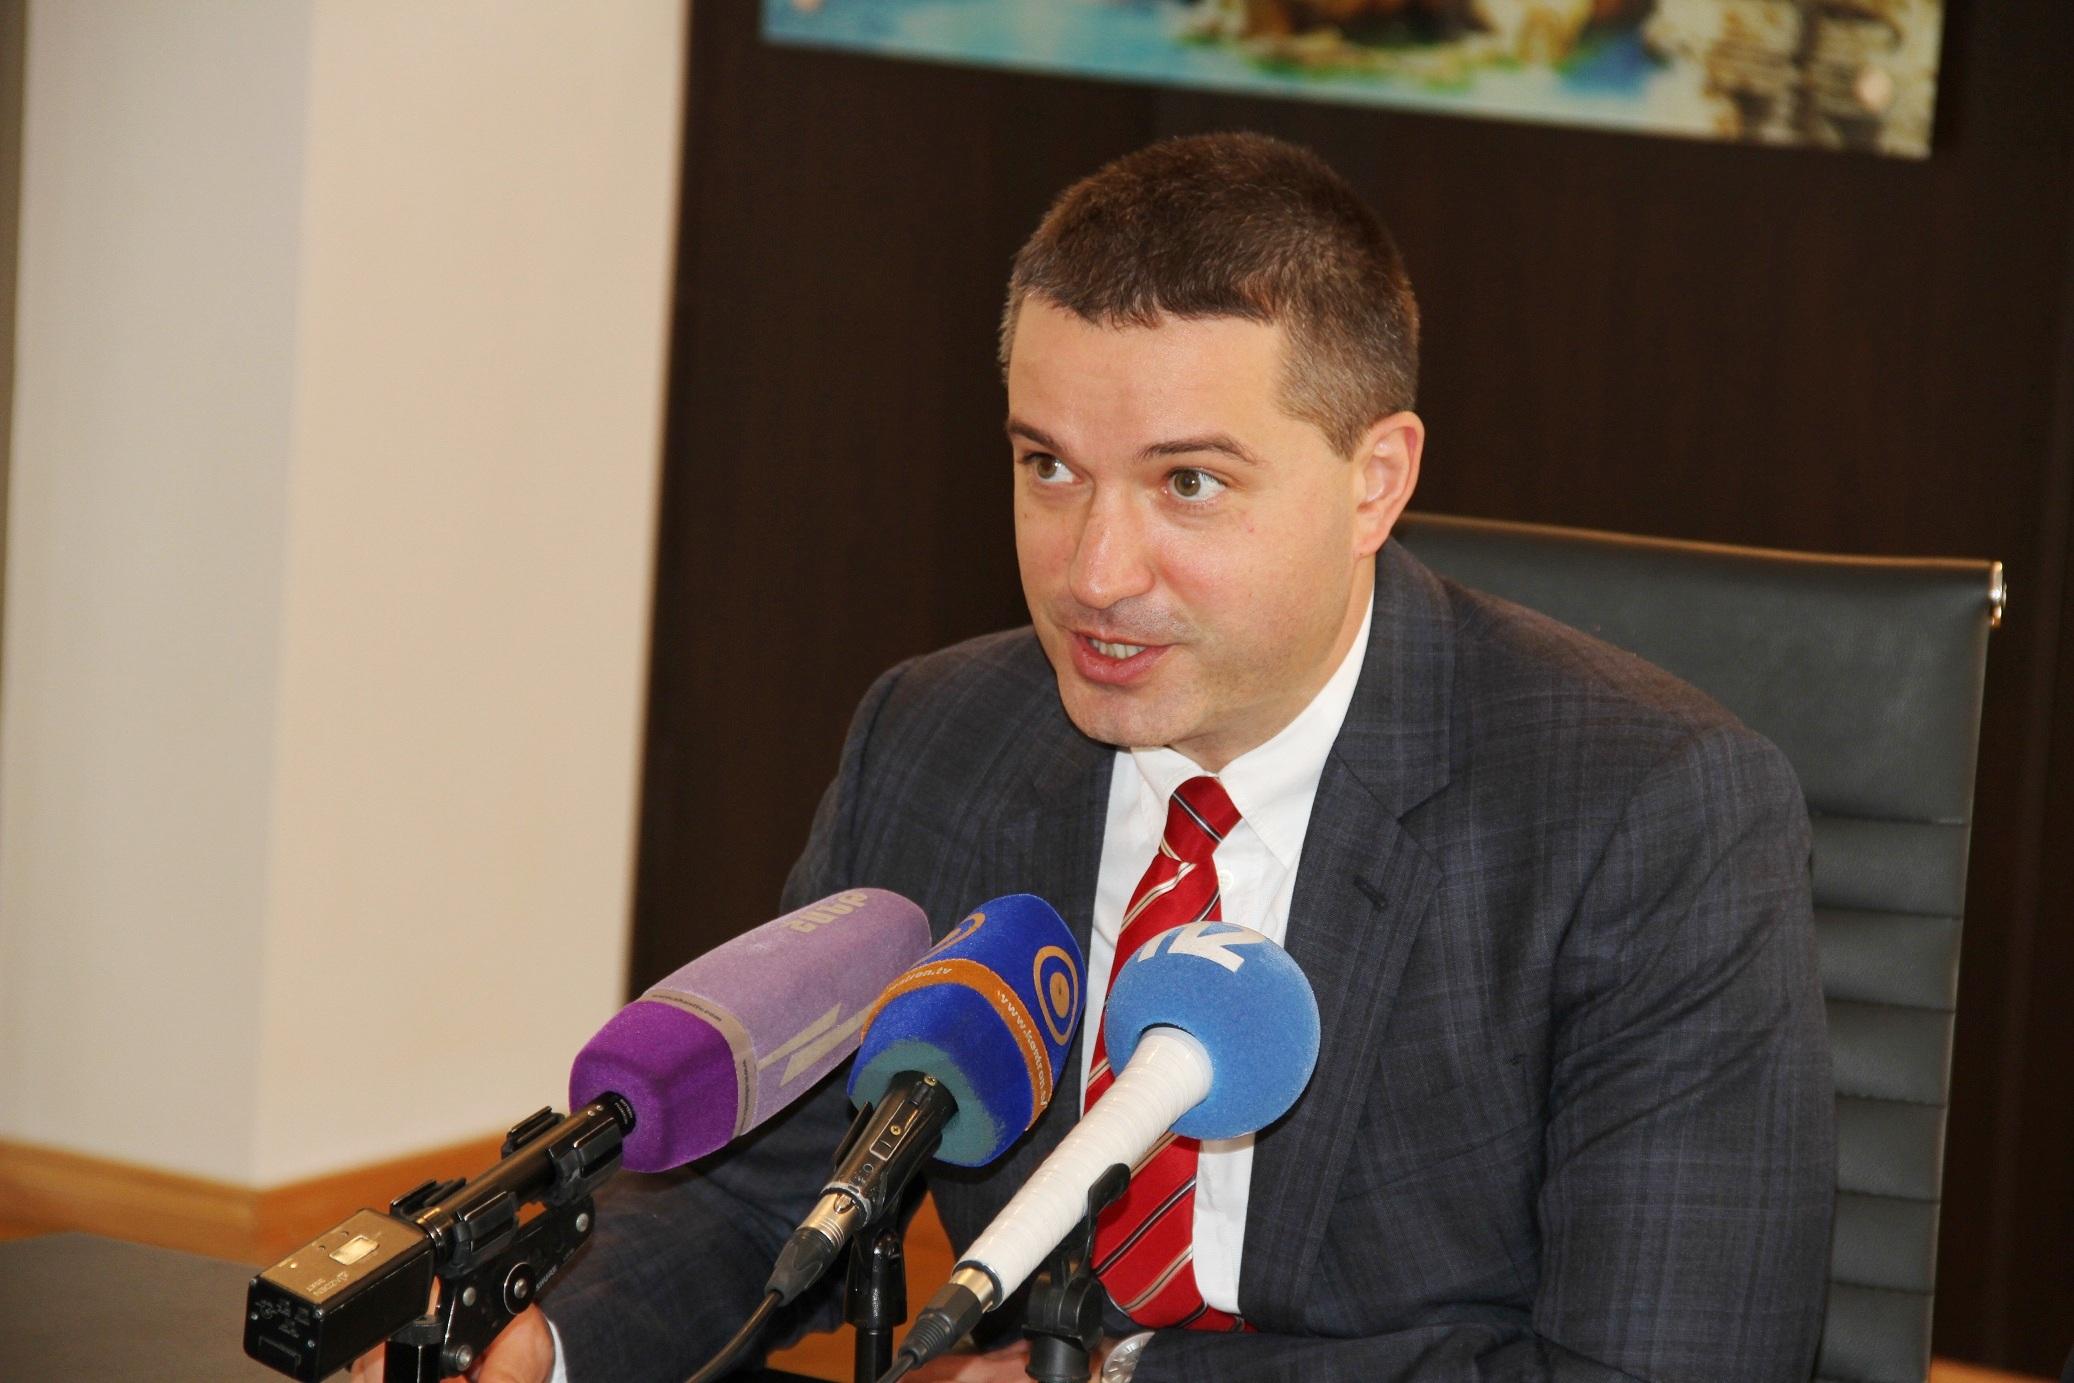 Հայաստանի փրկարար ծառայություններ կատարվող բոլոր զանգերը սպասարկում է Beeline-ը